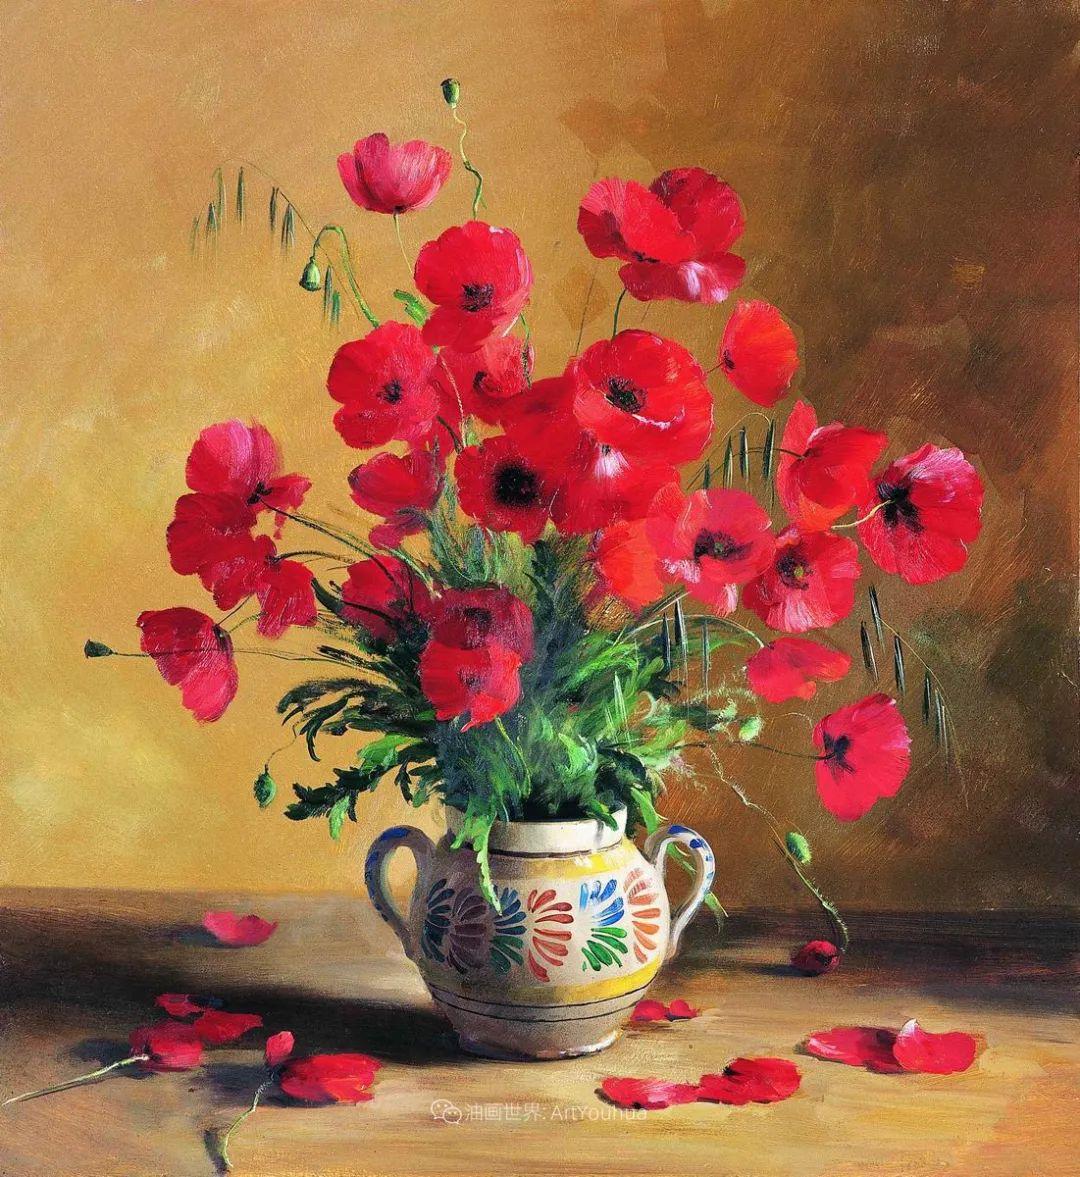 花香袭人,绚丽多彩!俄罗斯画家谢尔盖·图图诺夫插图85